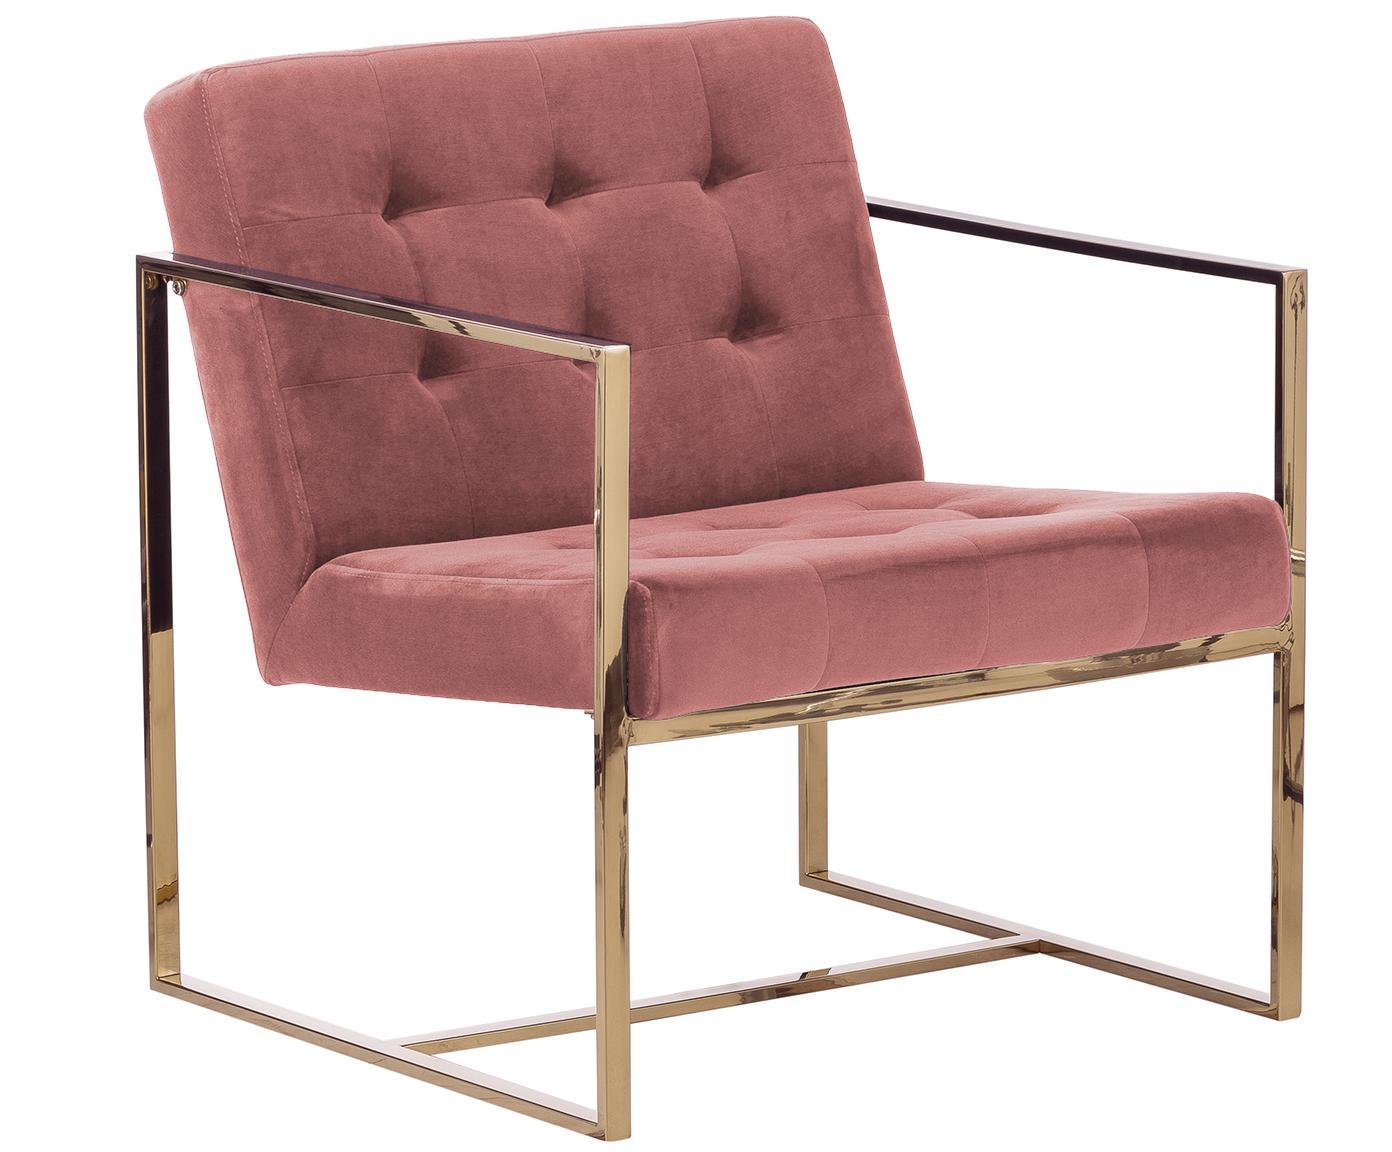 Sedia a poltrona in velluto Manhattan, Rivestimento: velluto (poliestere), Struttura: metallo rivestito, Velluto rosa cipria, Larg. 70 x Prof. 72 cm